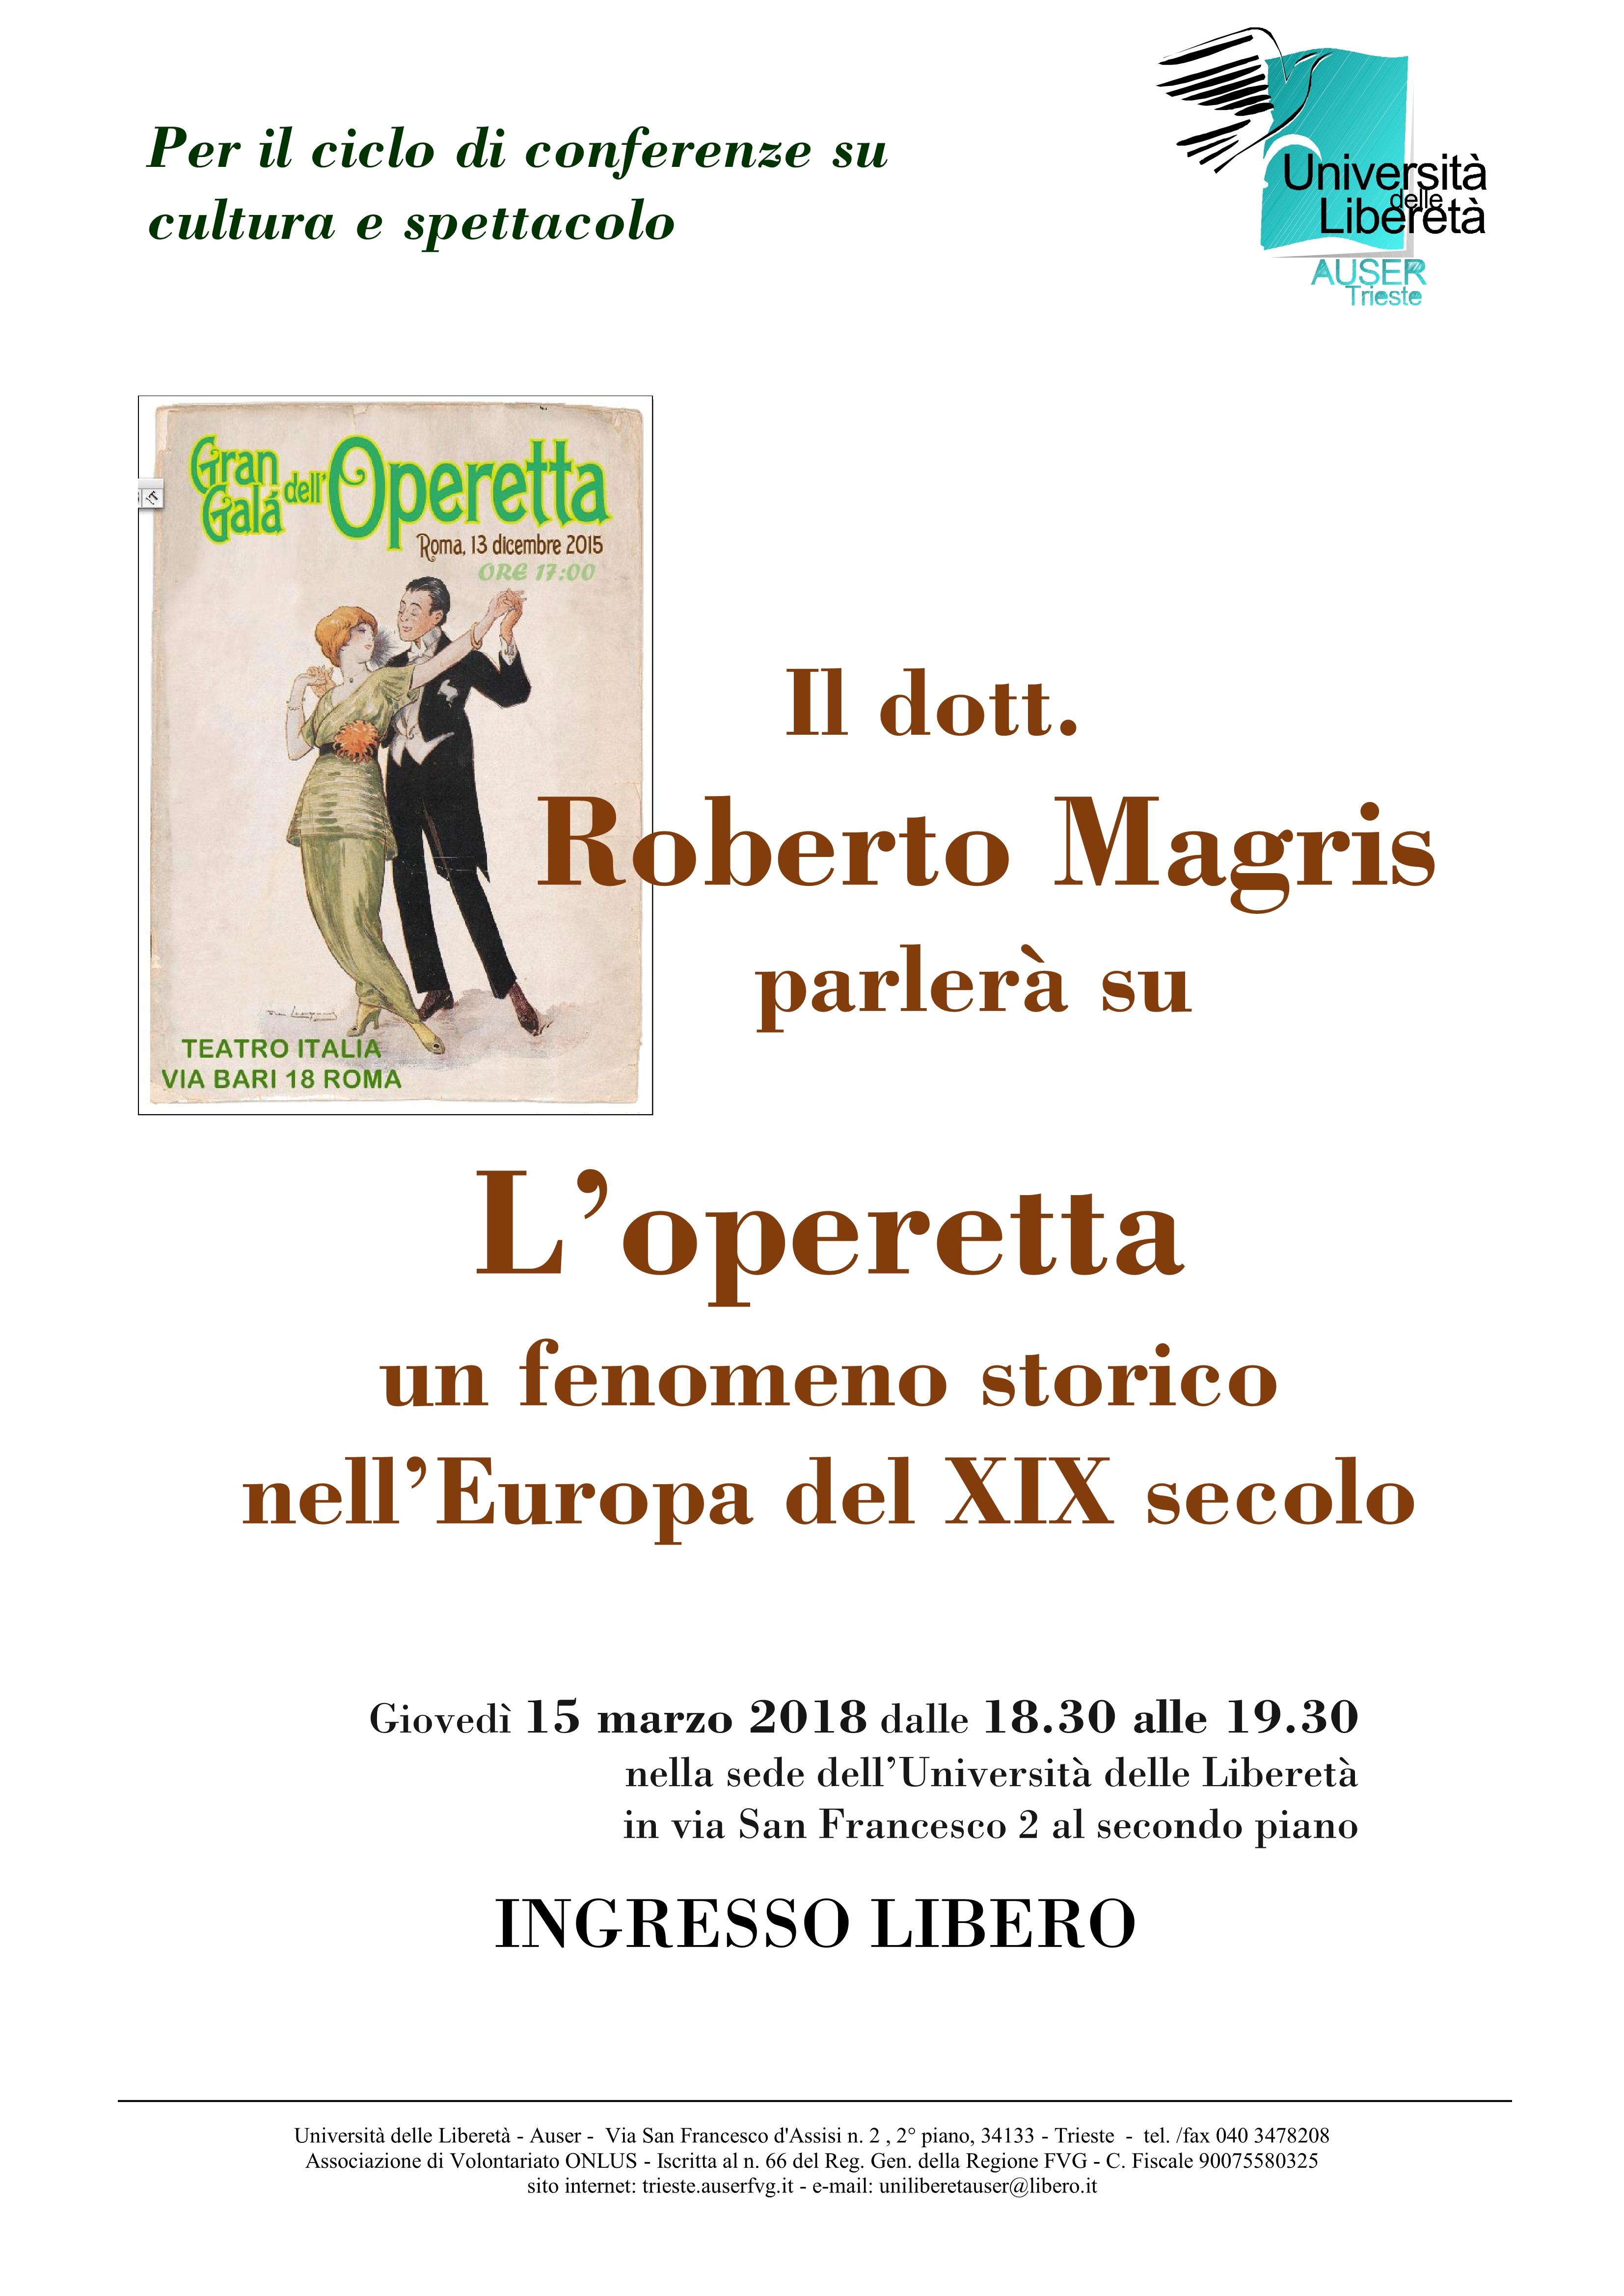 L'operetta1